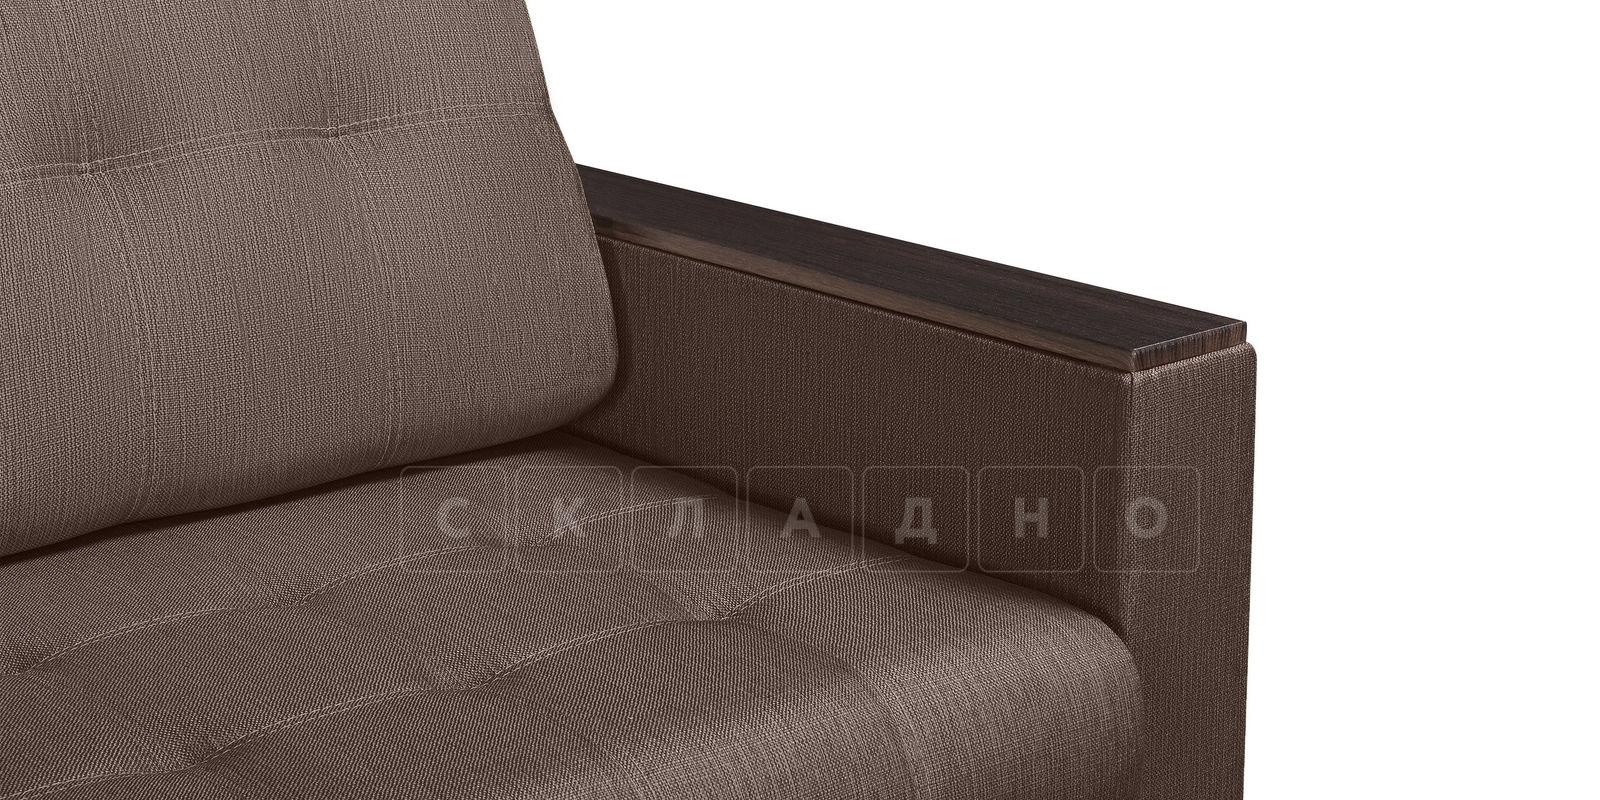 Диван Атланта рогожка коричневого цвета фото 4 | интернет-магазин Складно